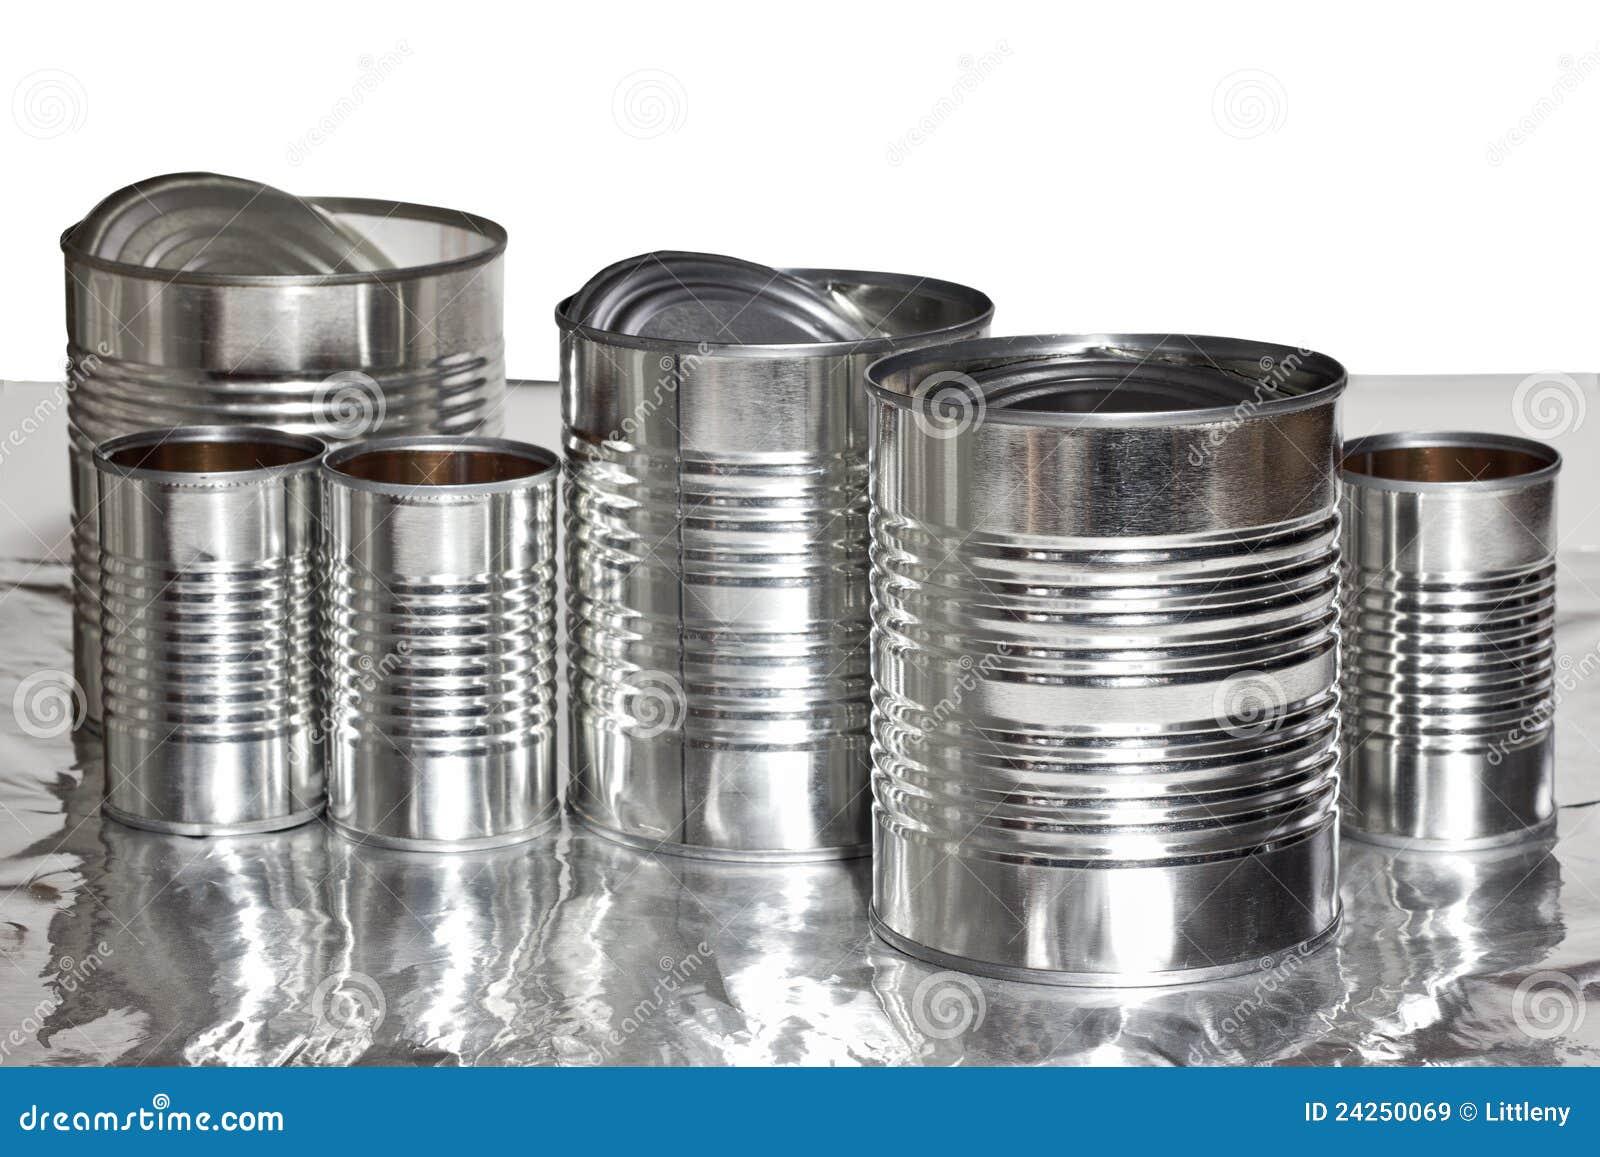 Latas De Aluminio Imagen De Archivo. Imagen De Metal